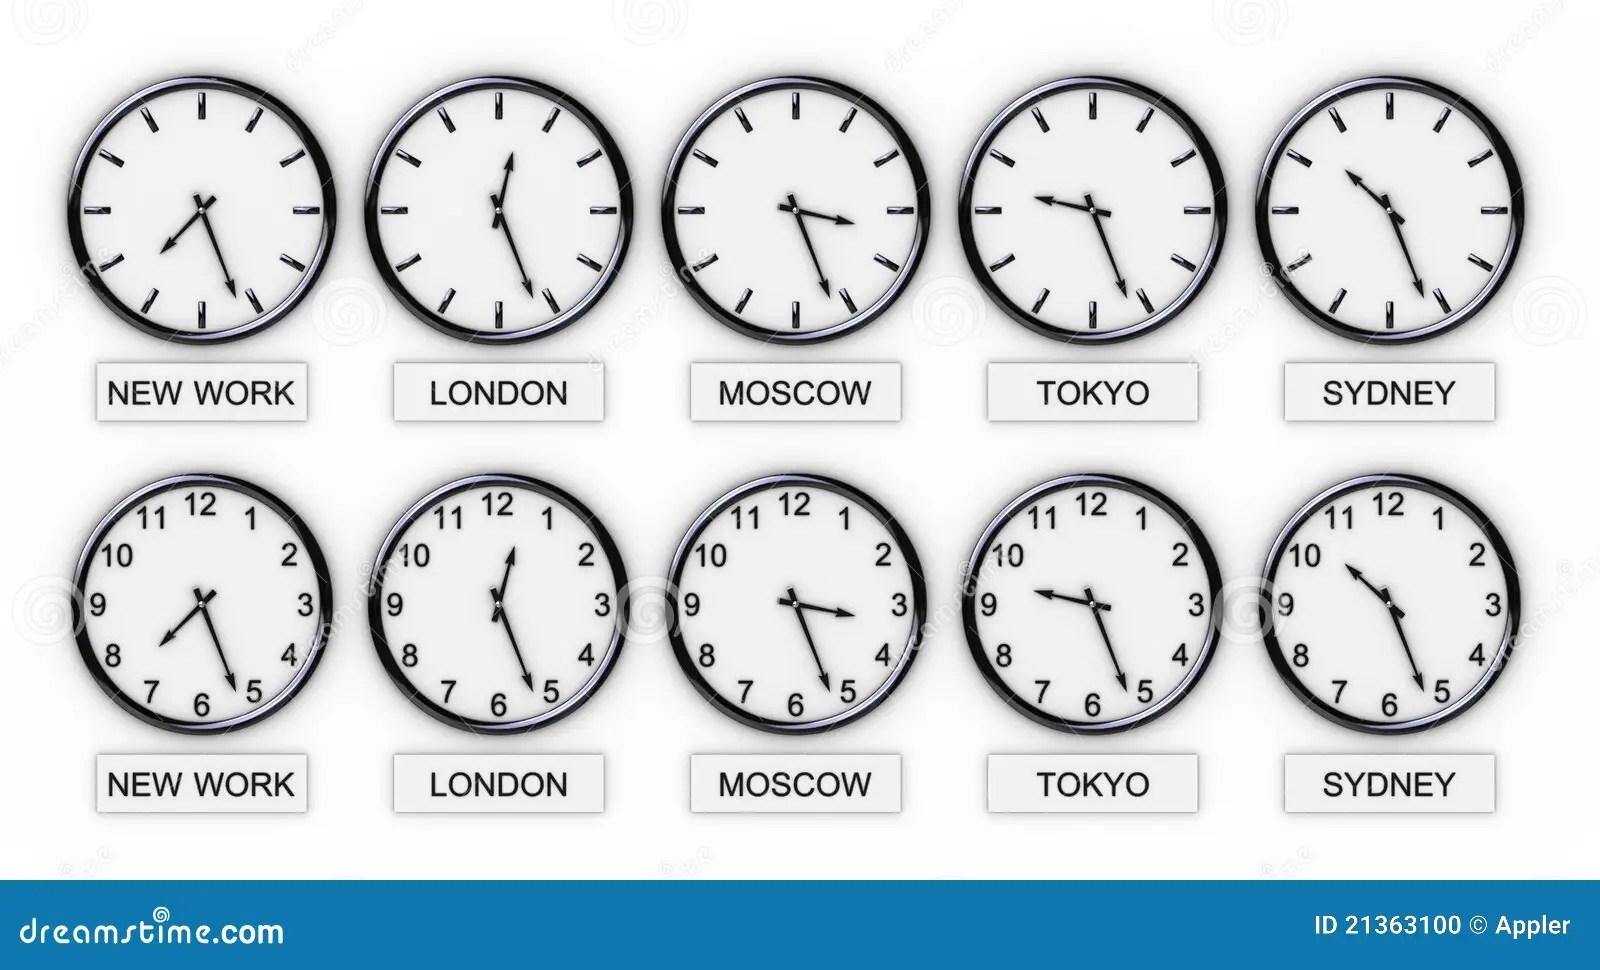 Zegarow Czas Wiat Ilustracji Ilustracja Z O Onej Z